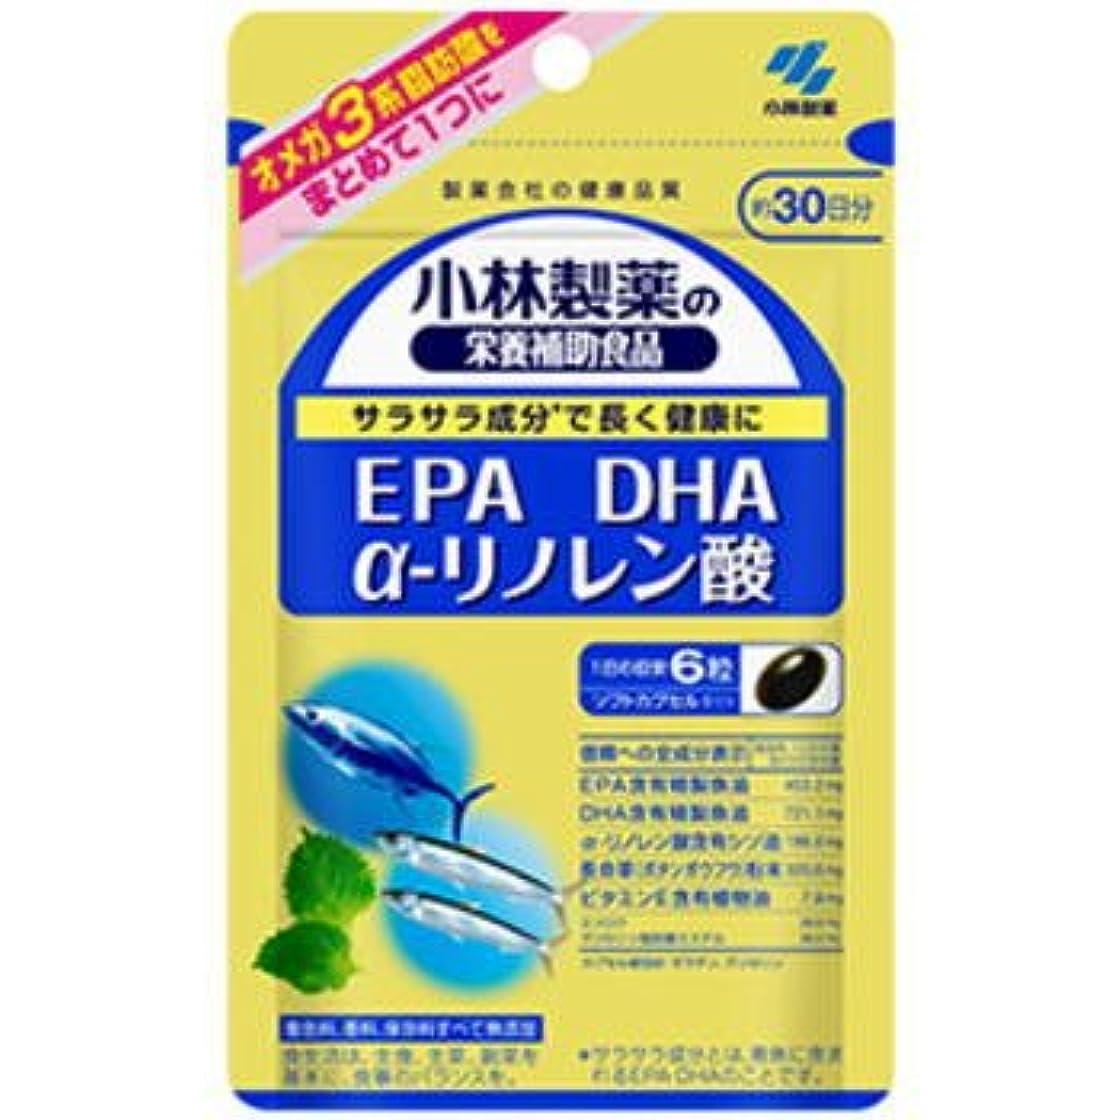 ブロンズおじいちゃん一瞬小林製薬 EPA DHA α-リノレン酸 180粒×3個セット【ネコポス発送】